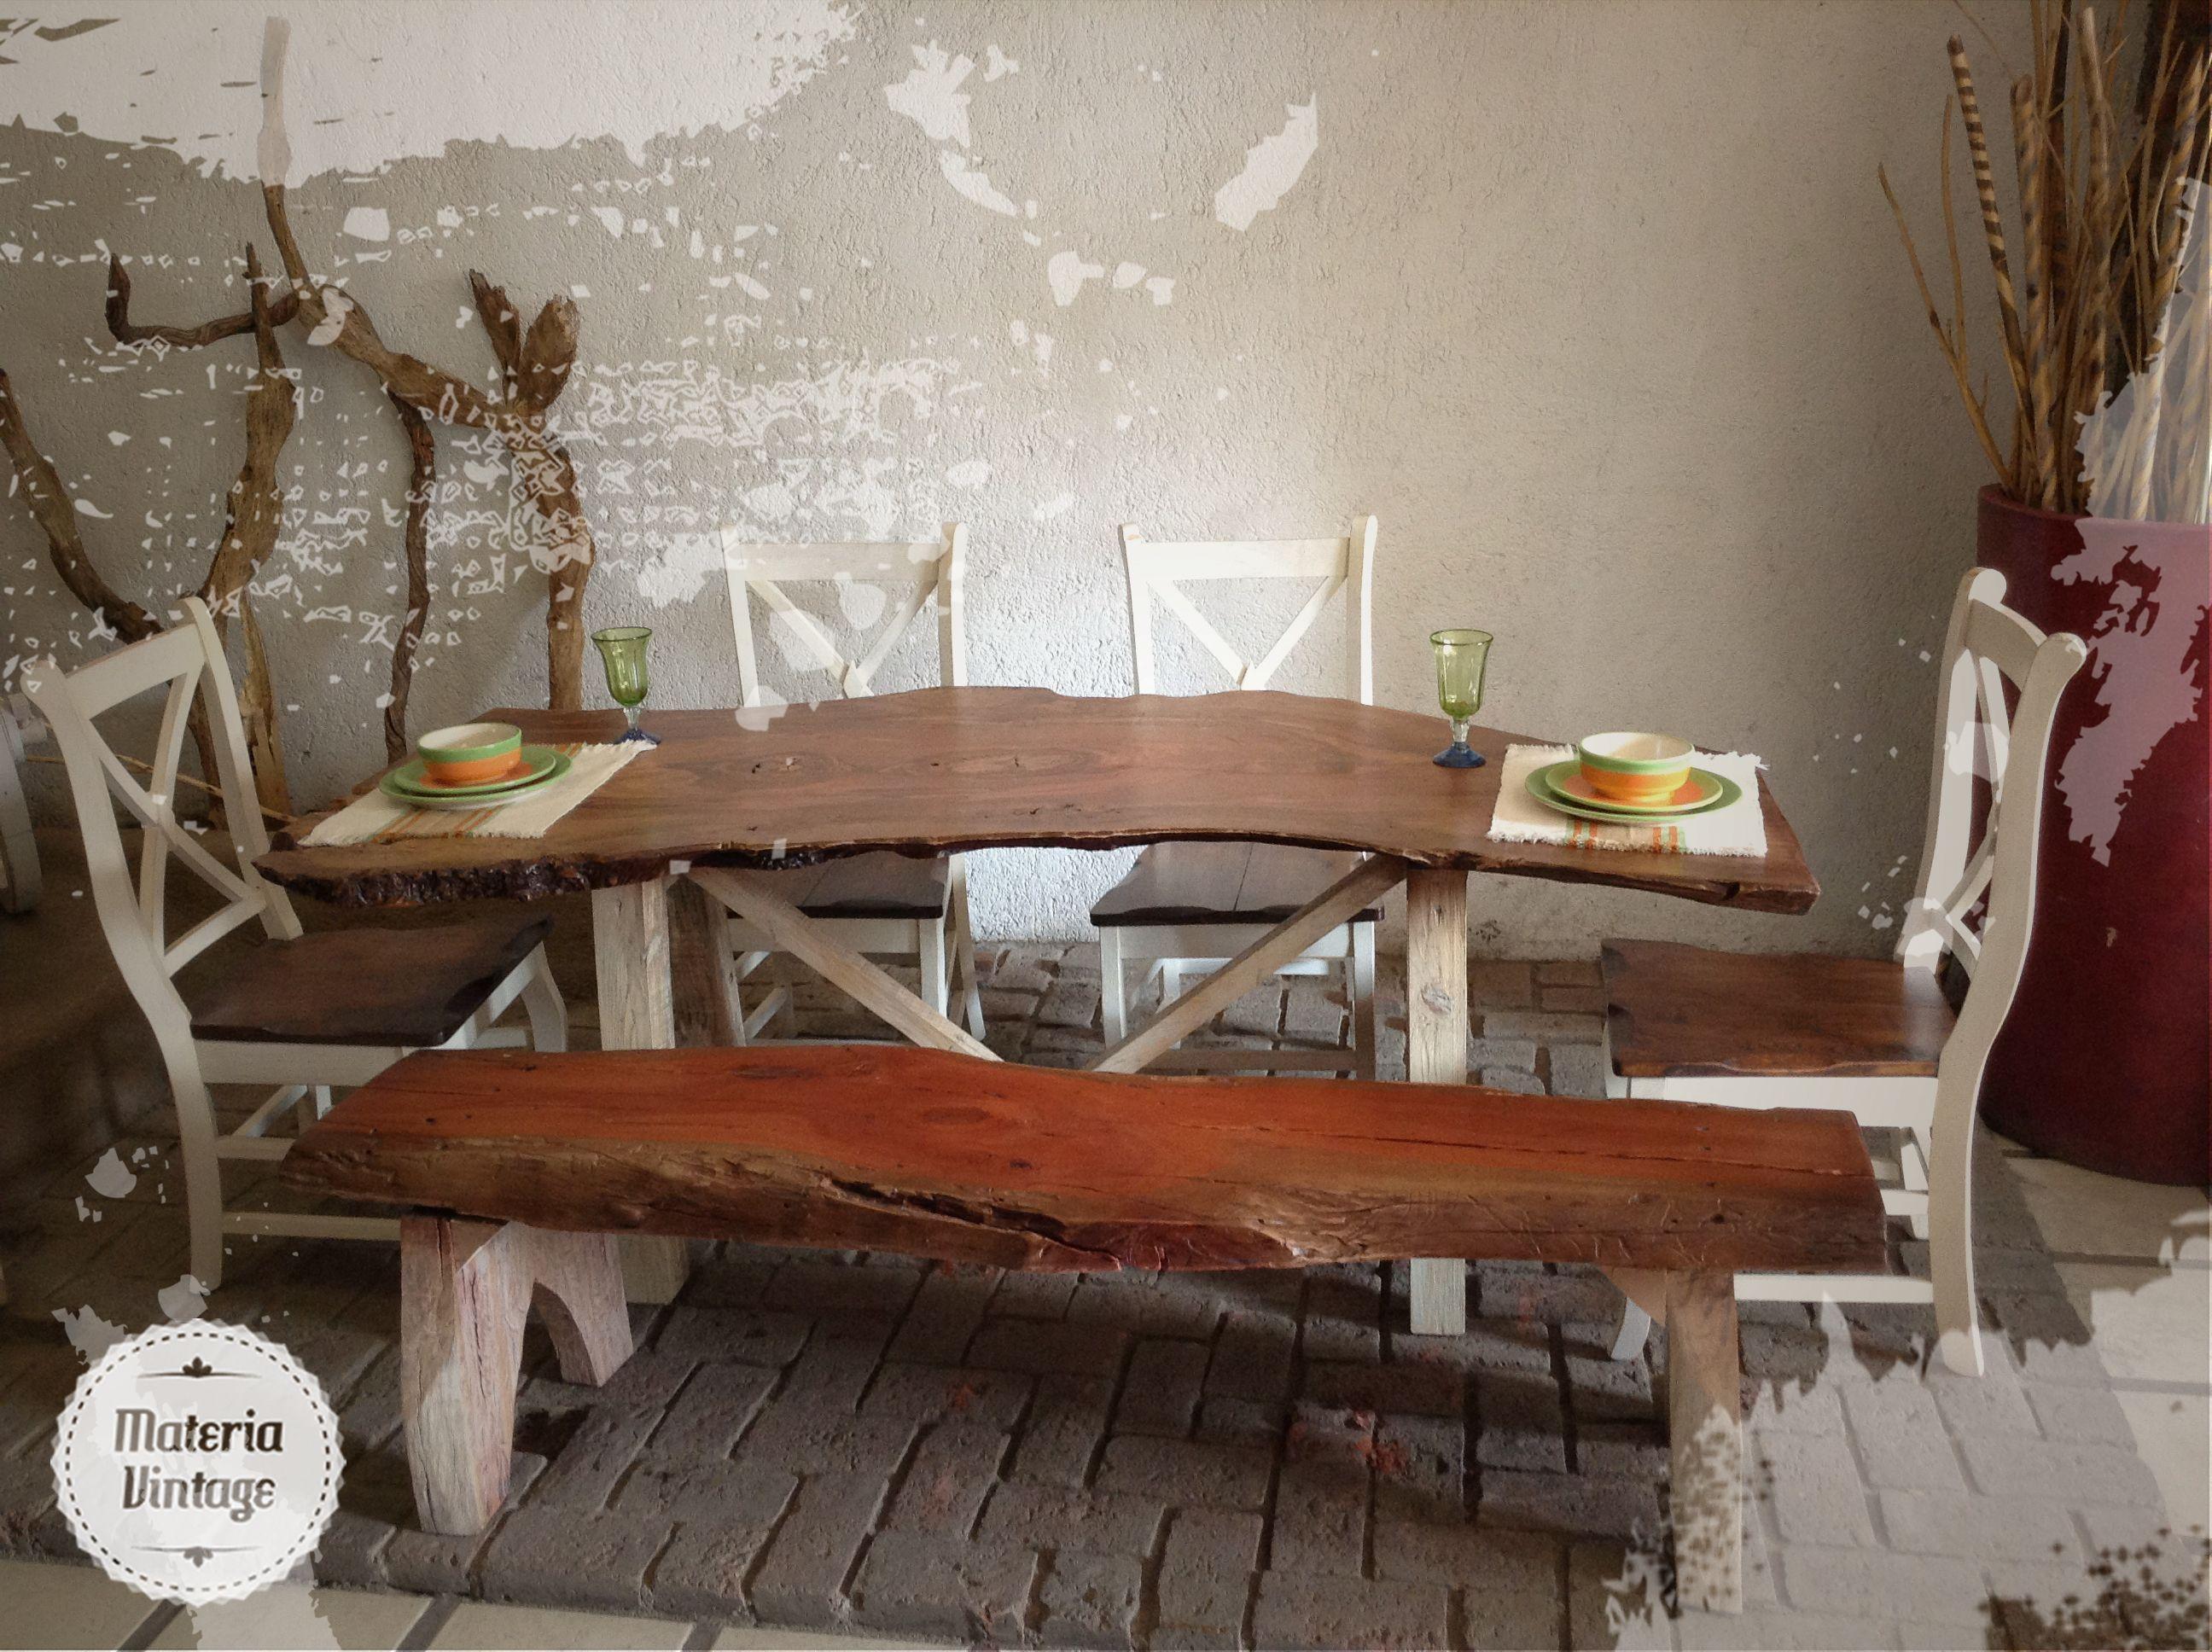 Comedor modelo troncos con una banca y cuatro sillas modelo orejonas comedores vintage pinterest - Comedor con banca ...